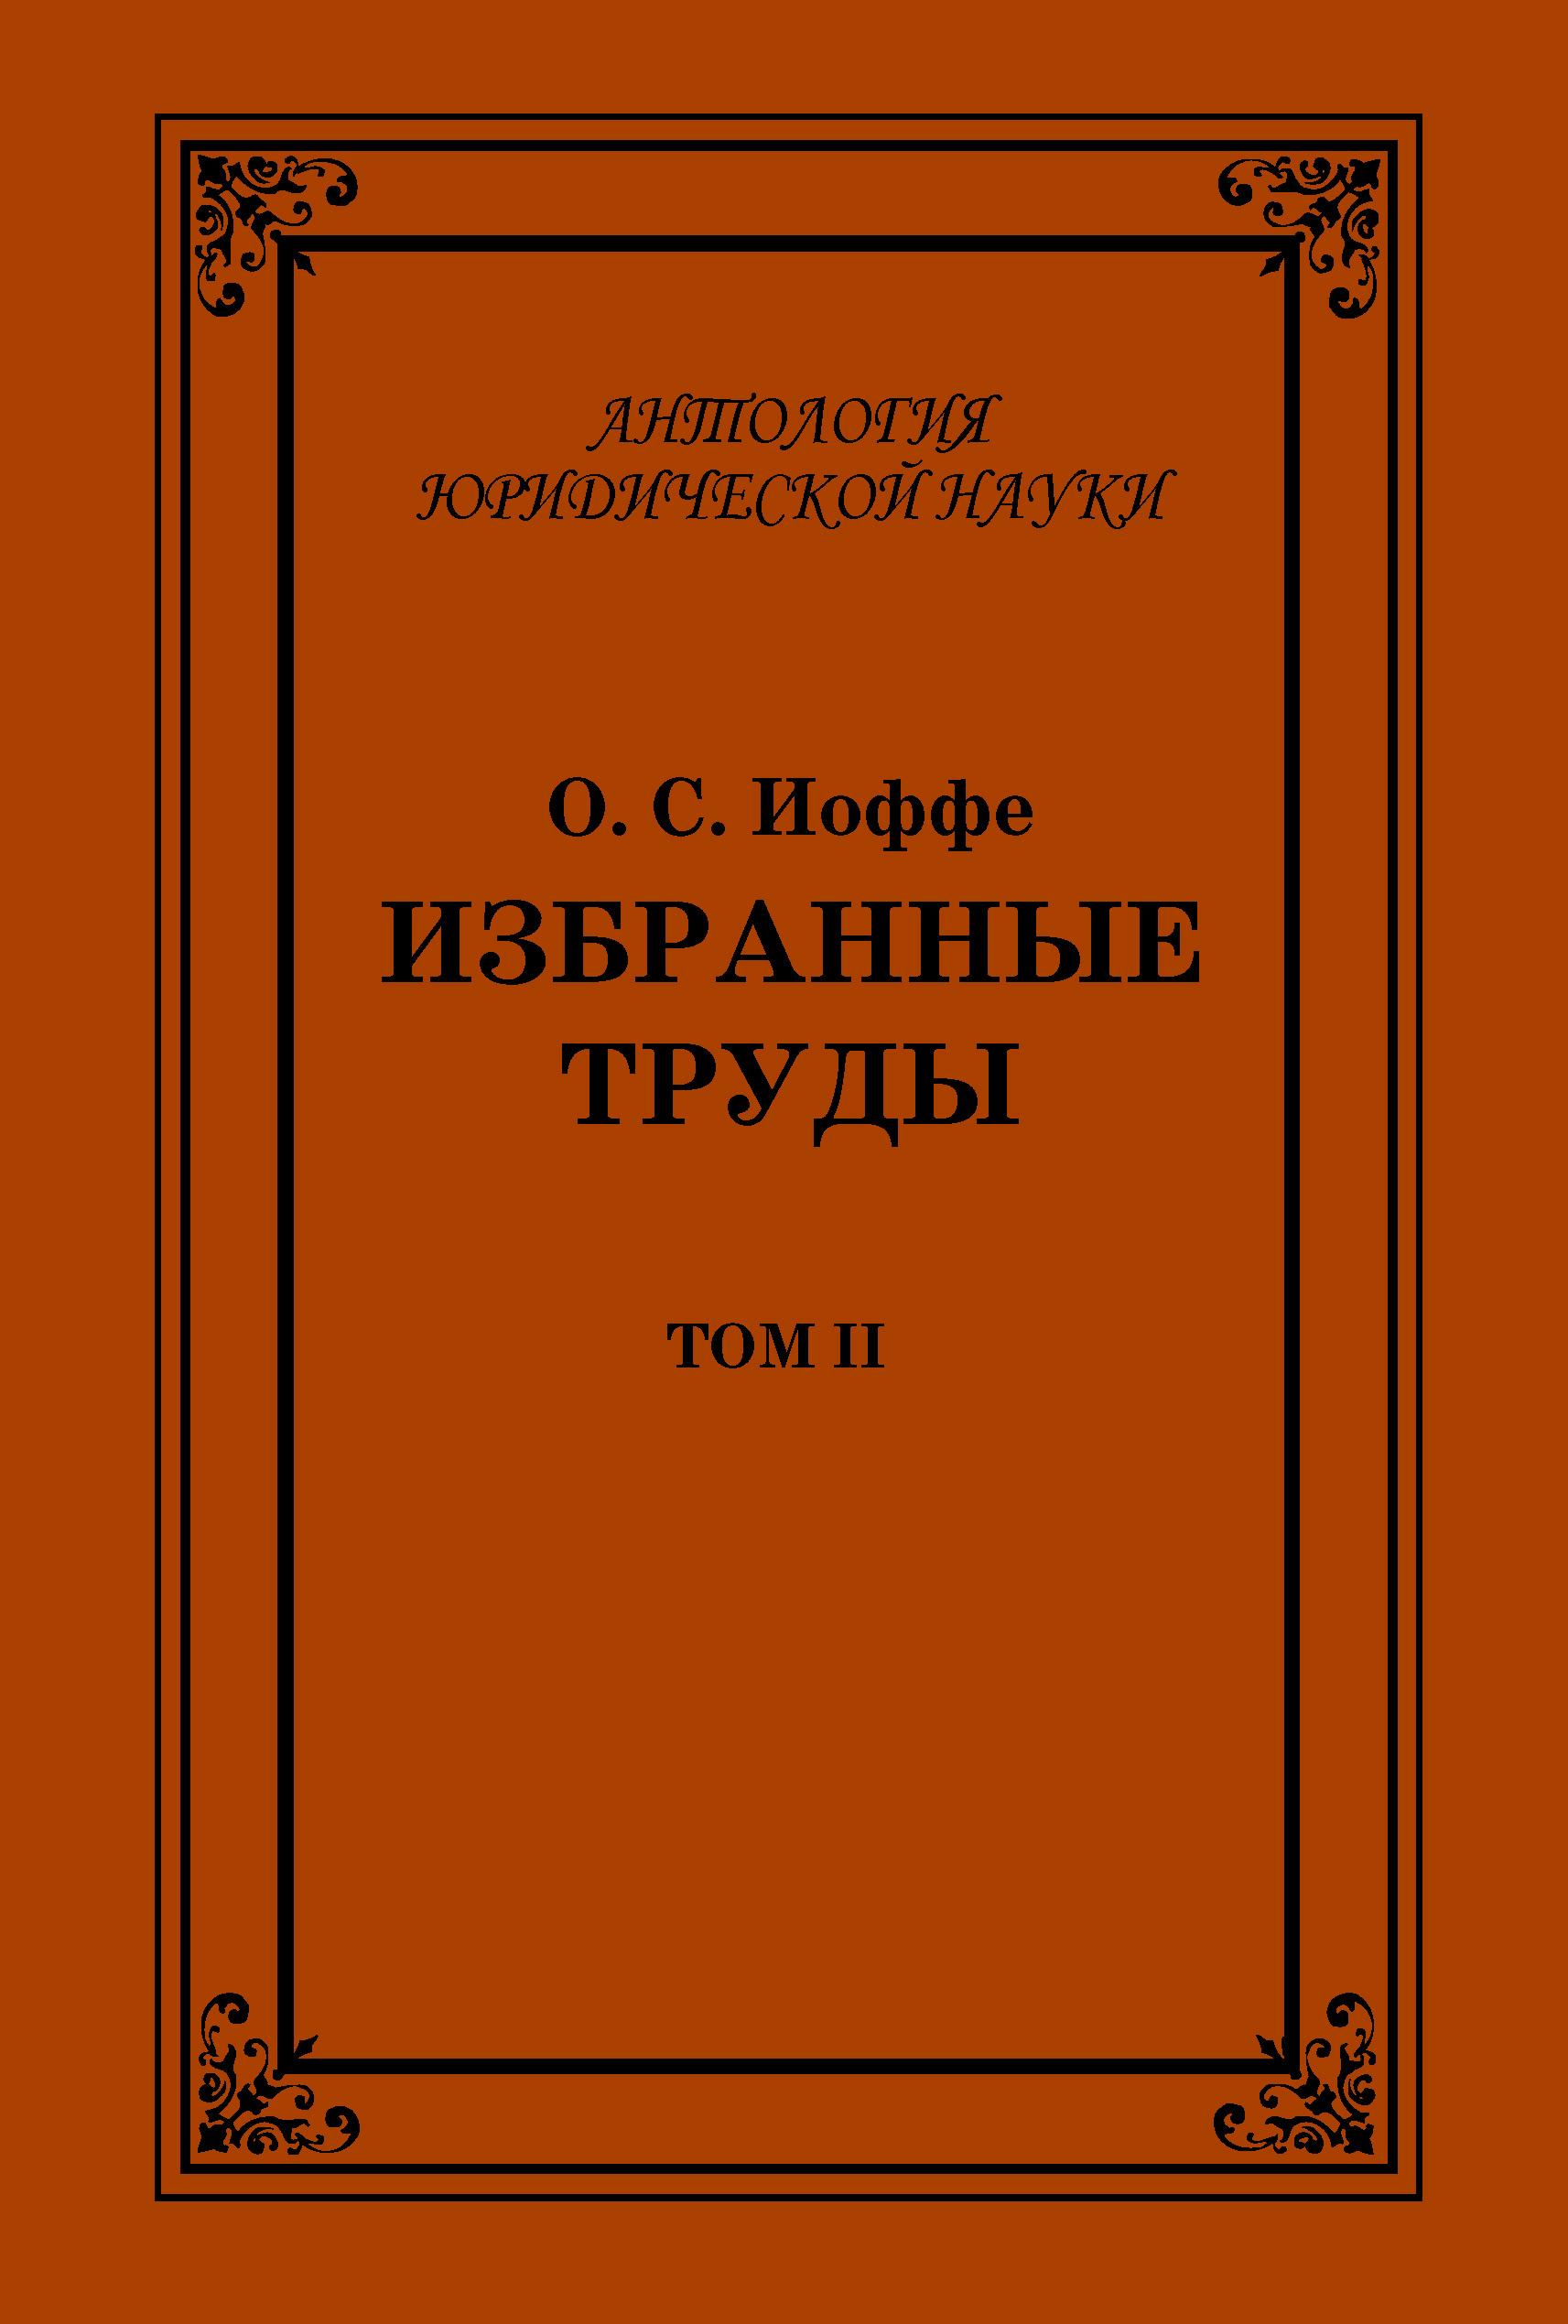 Олимпиад Иоффе Избранные труды. Том II а ф иоффе а ф иоффе избранные труды комплект из 2 книг